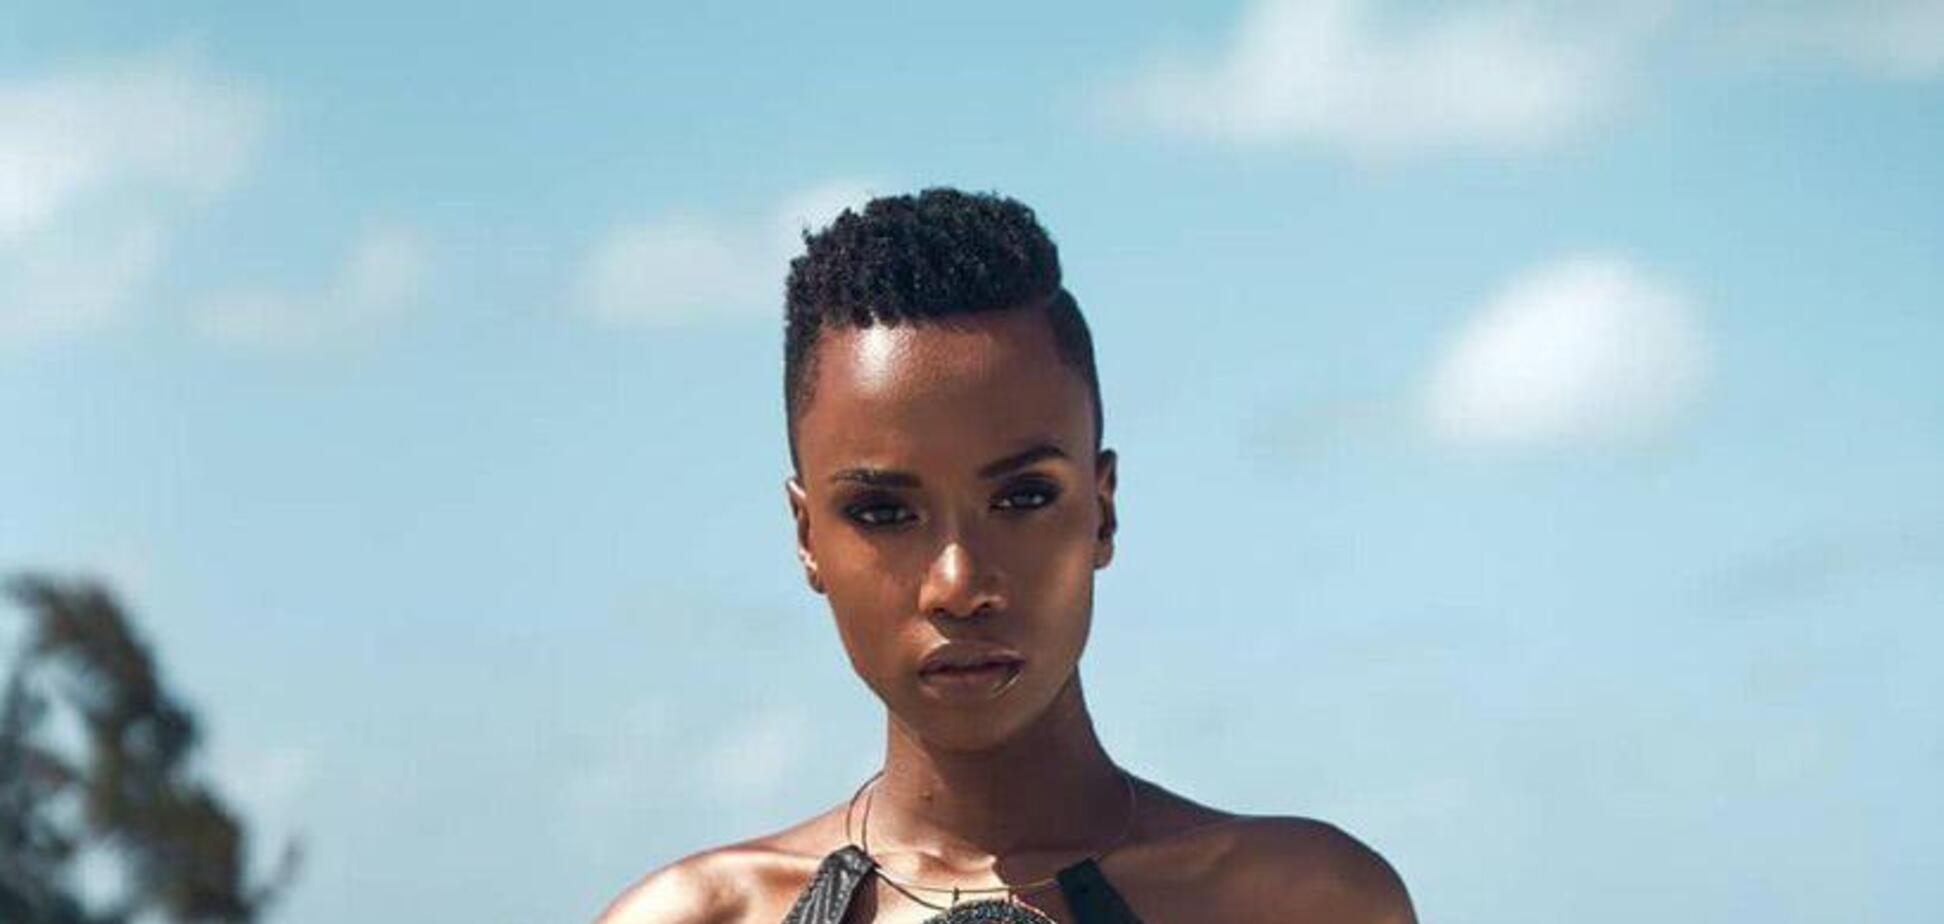 Новою 'Міс Всесвіт' стала 'Чорна пантера' з Африки: фото гарячої красуні